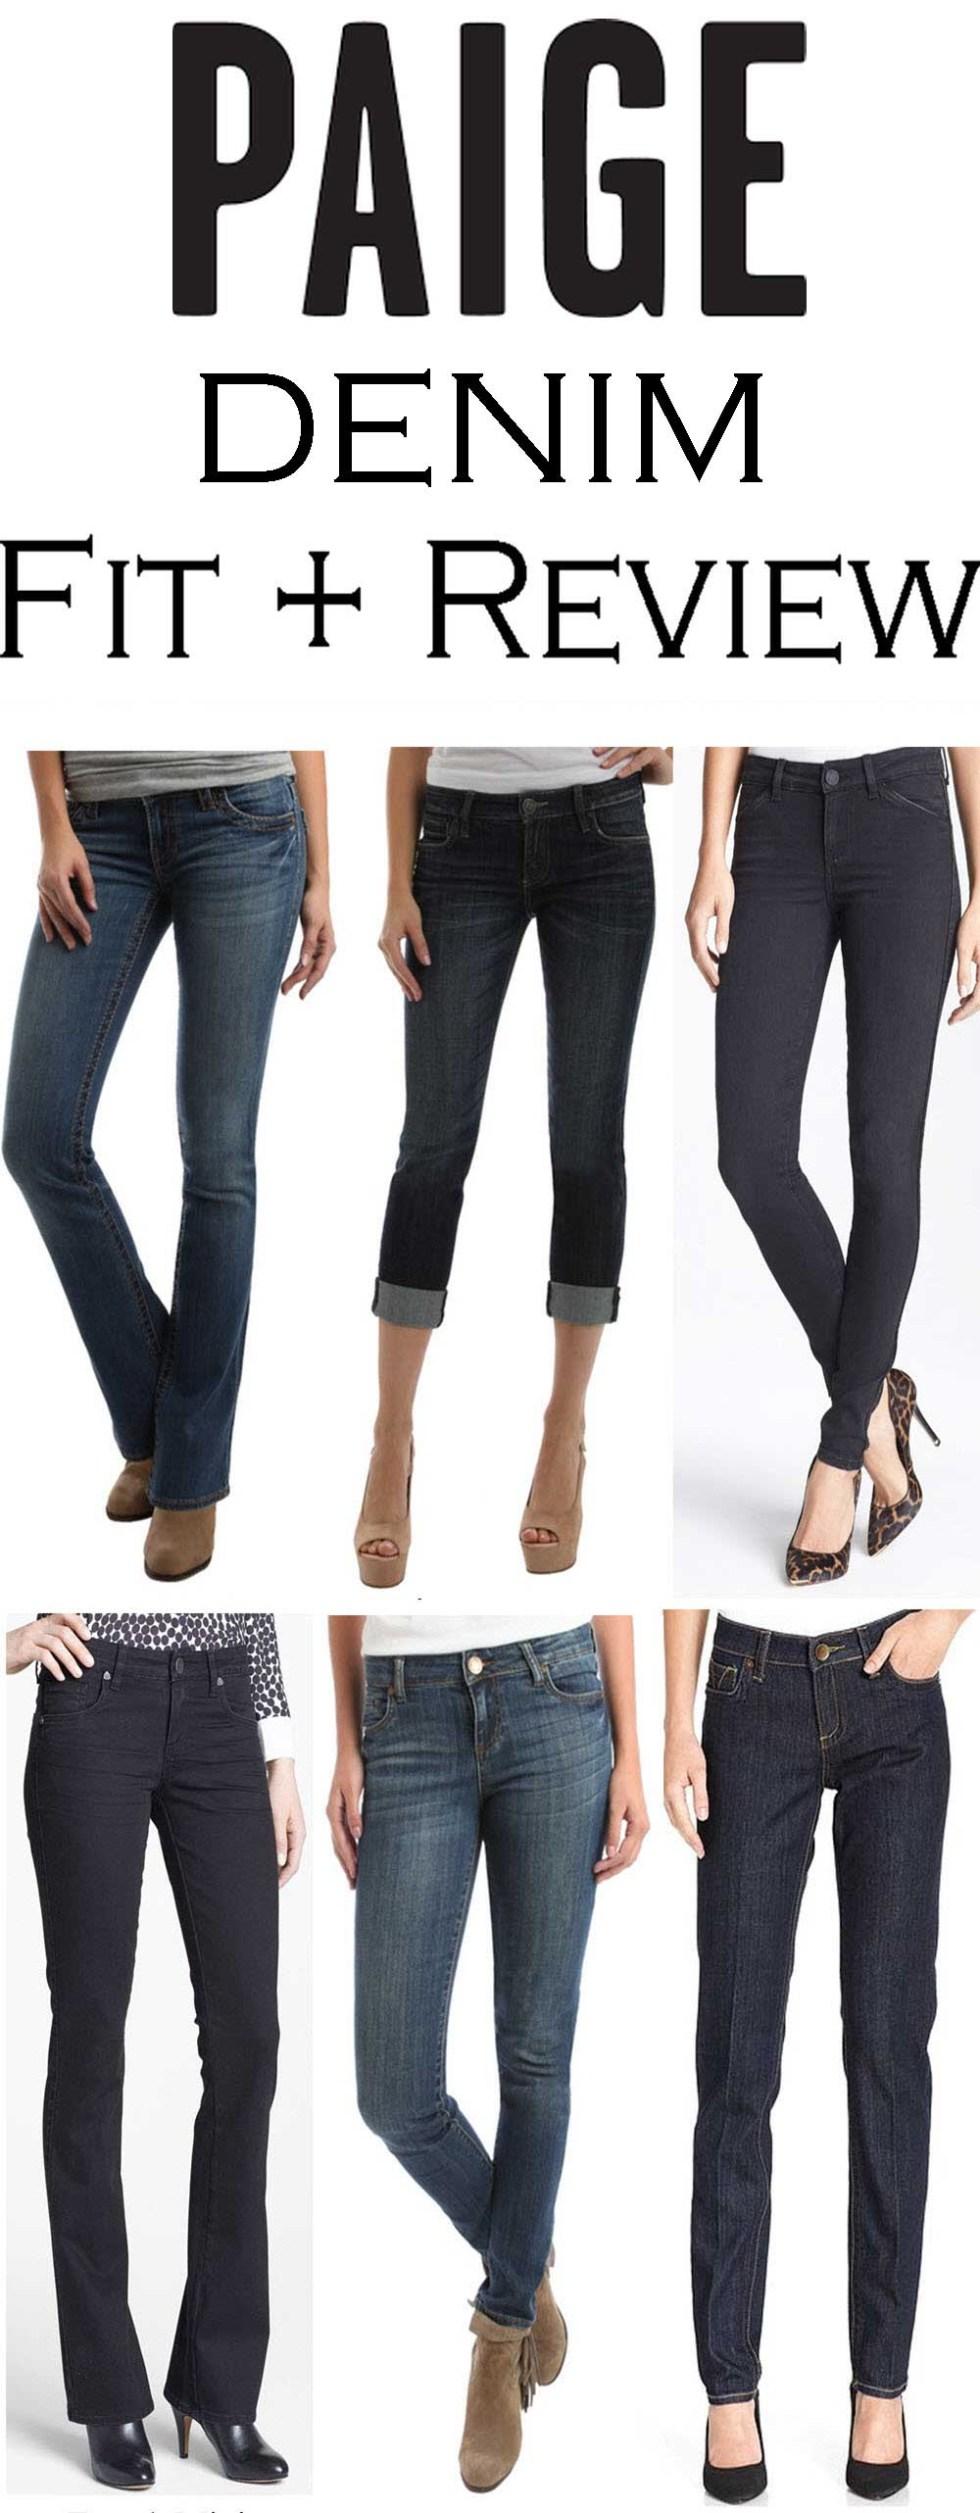 Paige Denim Fit Review + How do Paige Jeans Fit? #denim #fashionblog #fashionblogger #denim #jeansreview #denimreview #paigedenim